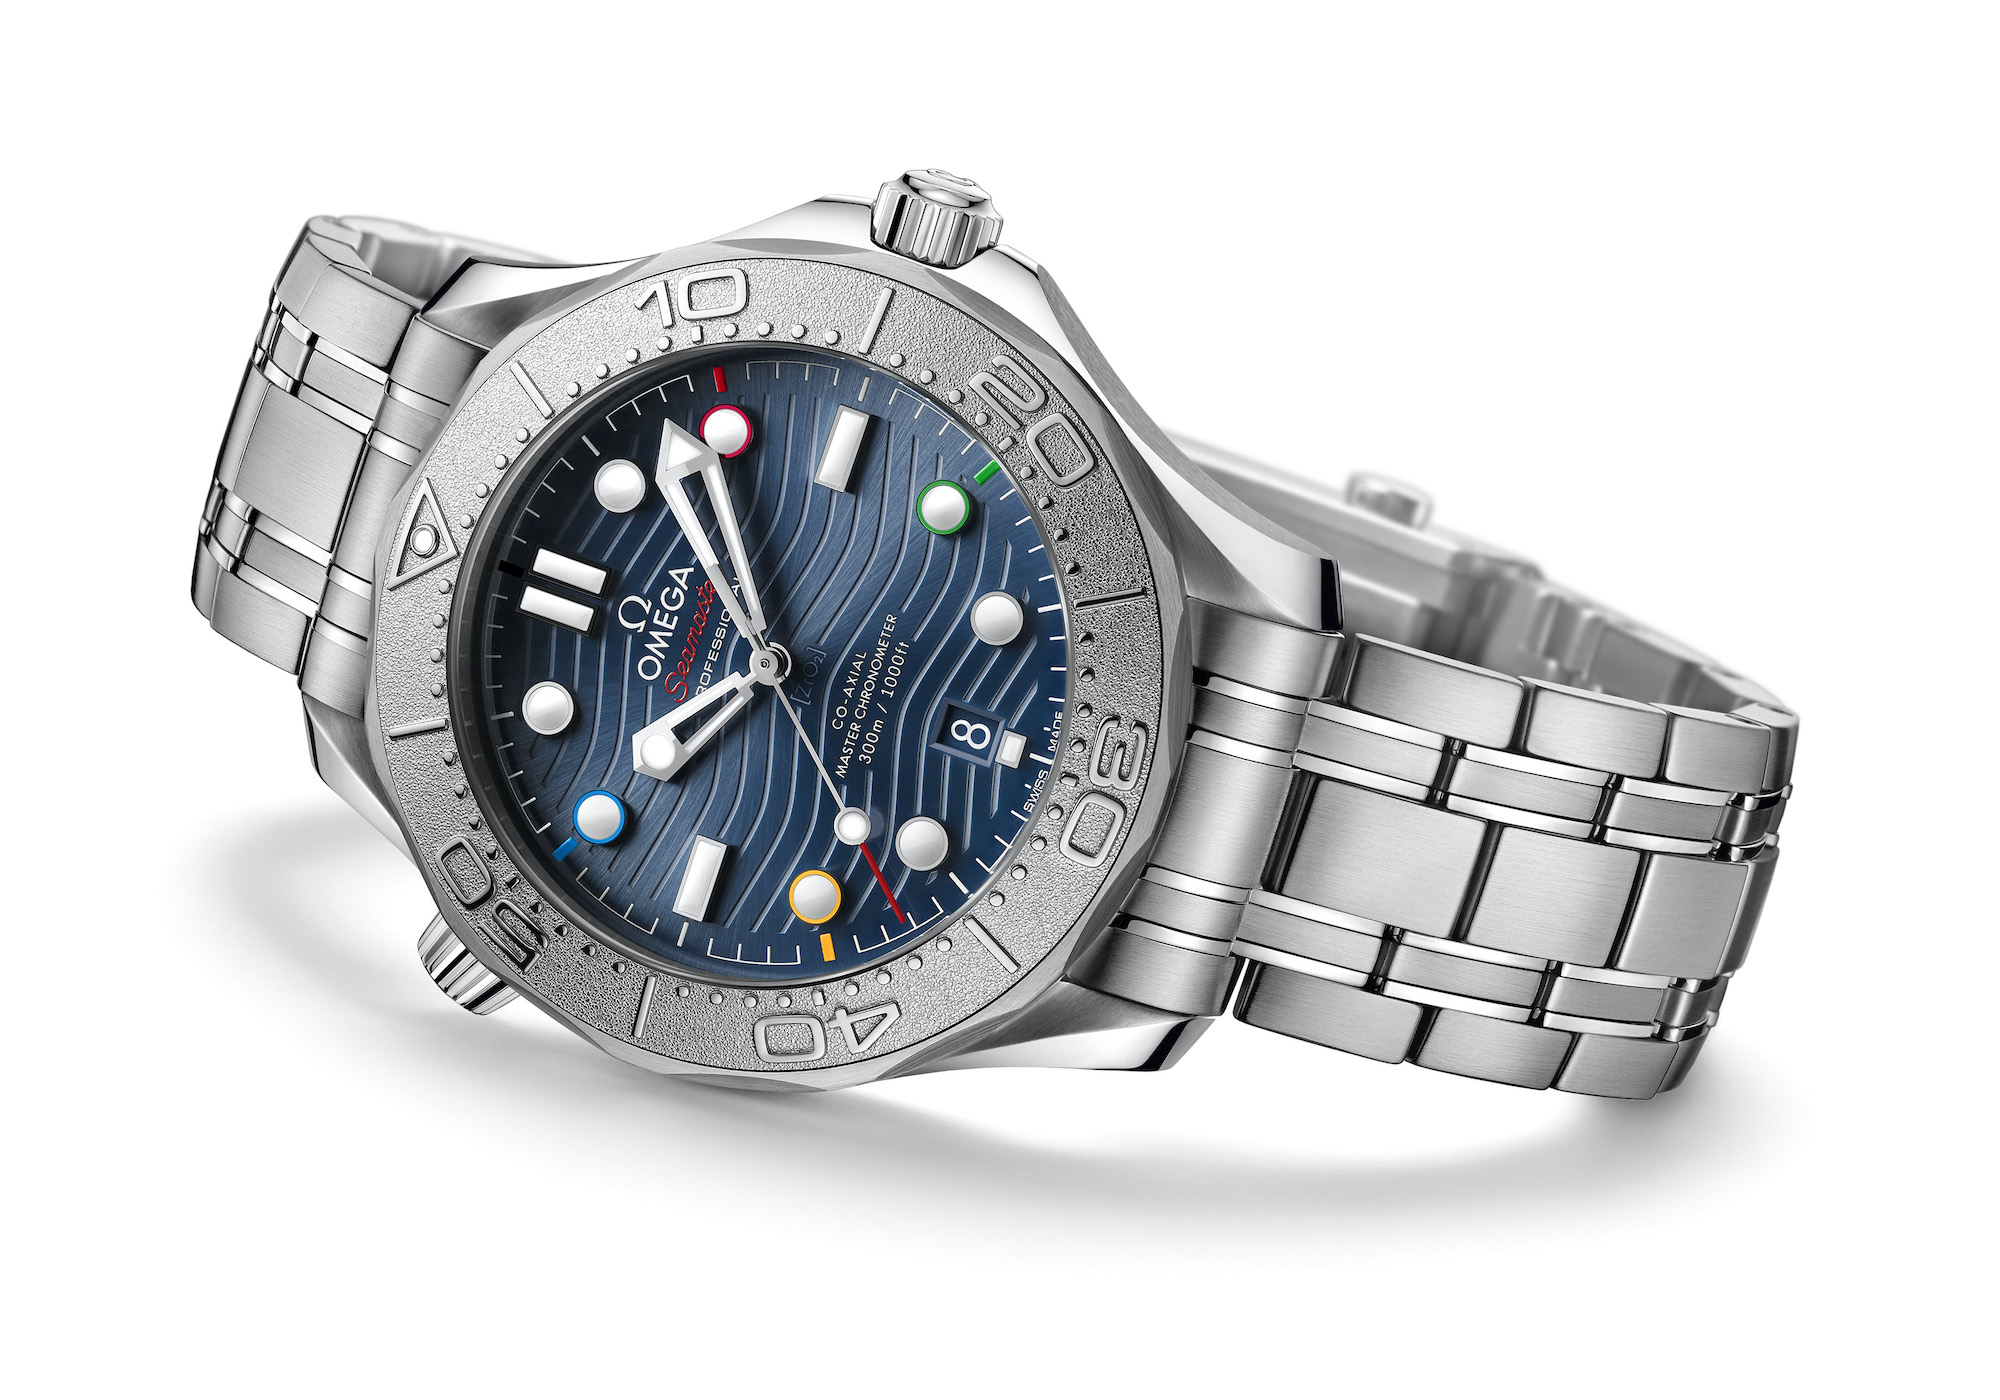 Omega Seamaster Diver 300M Beijing 2022 522.30.42.20.03.001